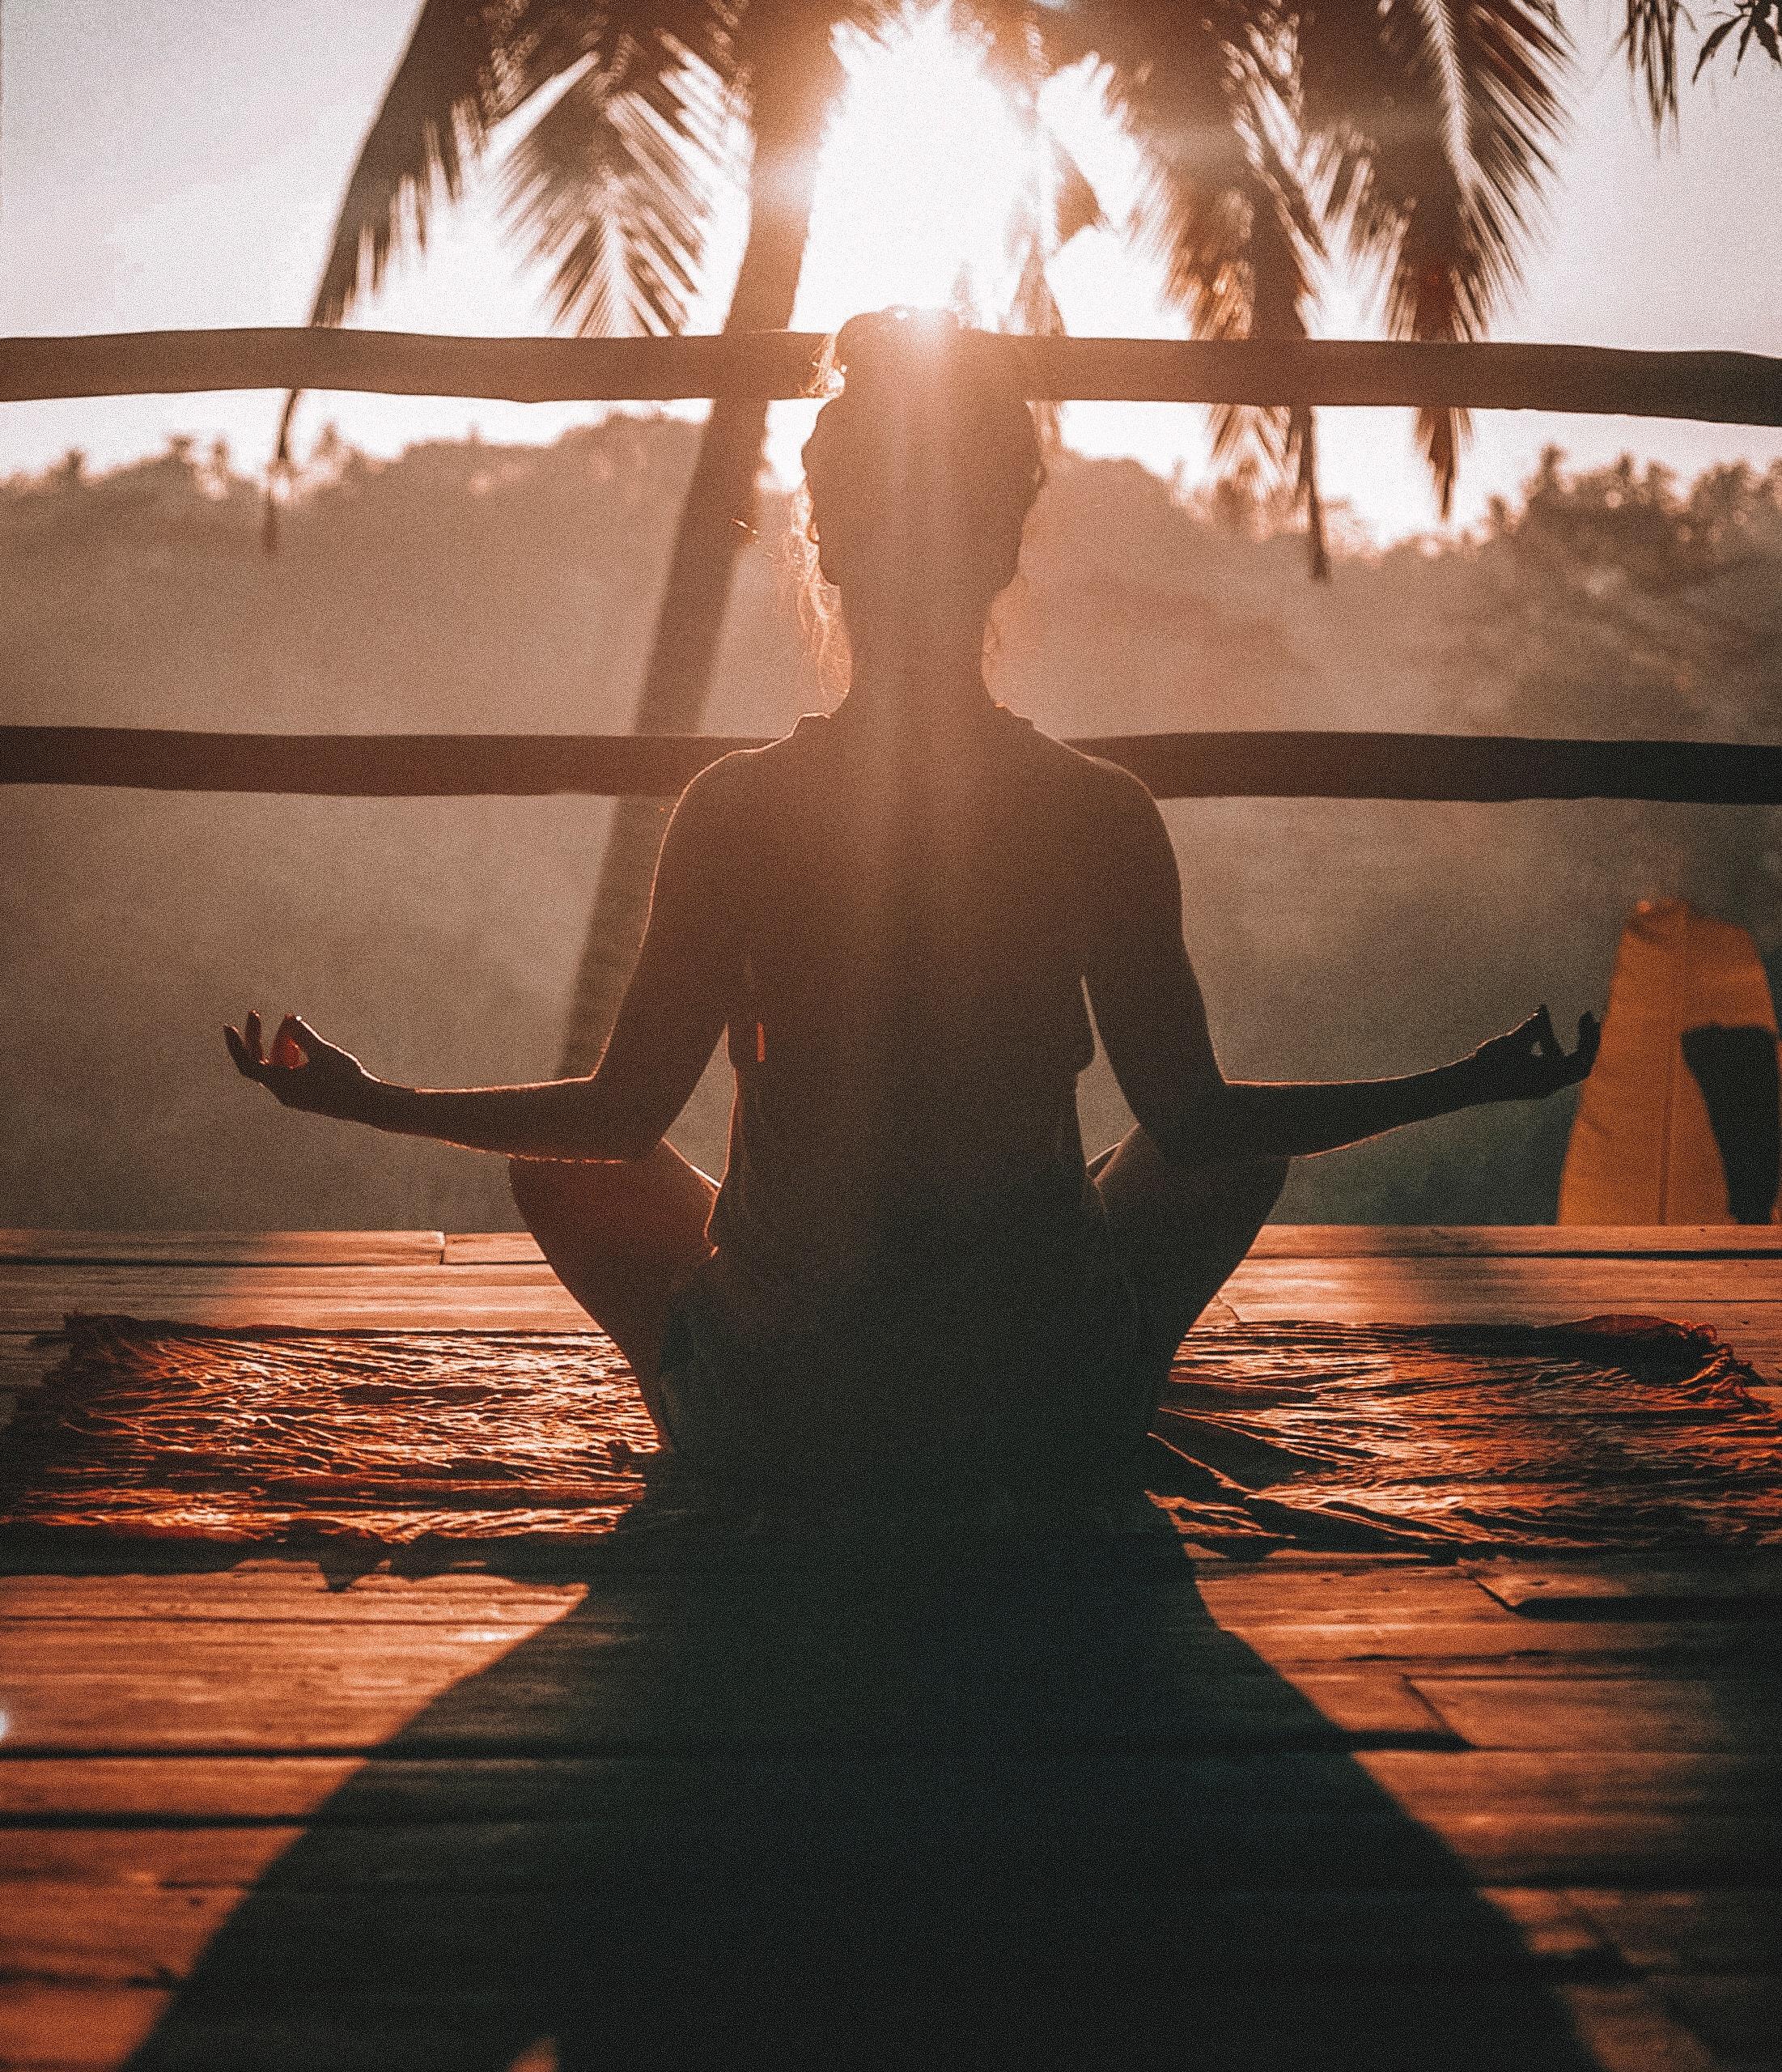 Fata care mediteaza in pozitie de yoga pe balcon